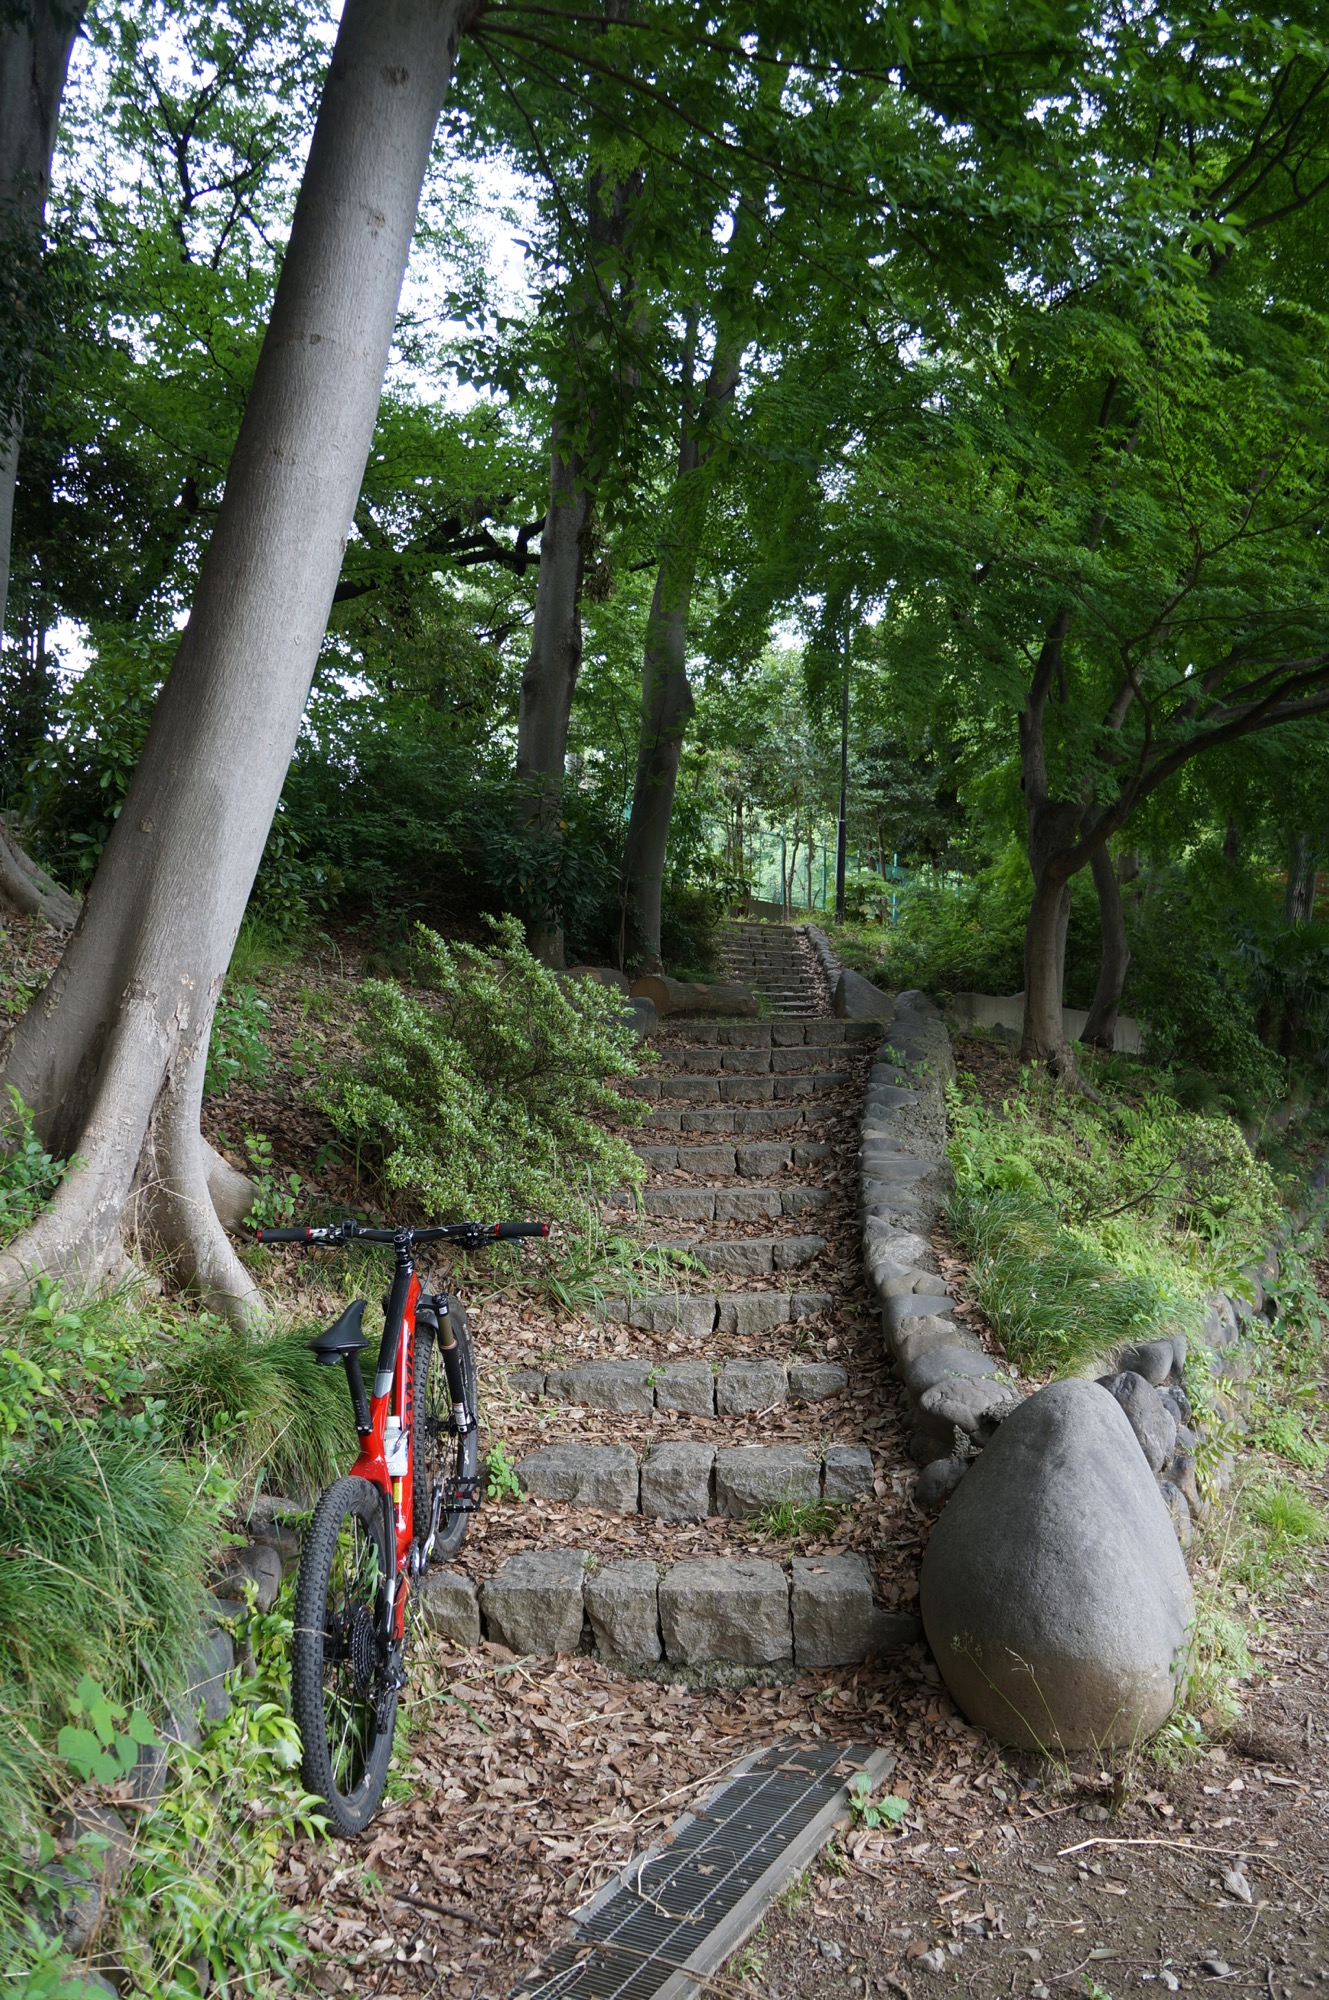 バイクコントロールが難しい階段